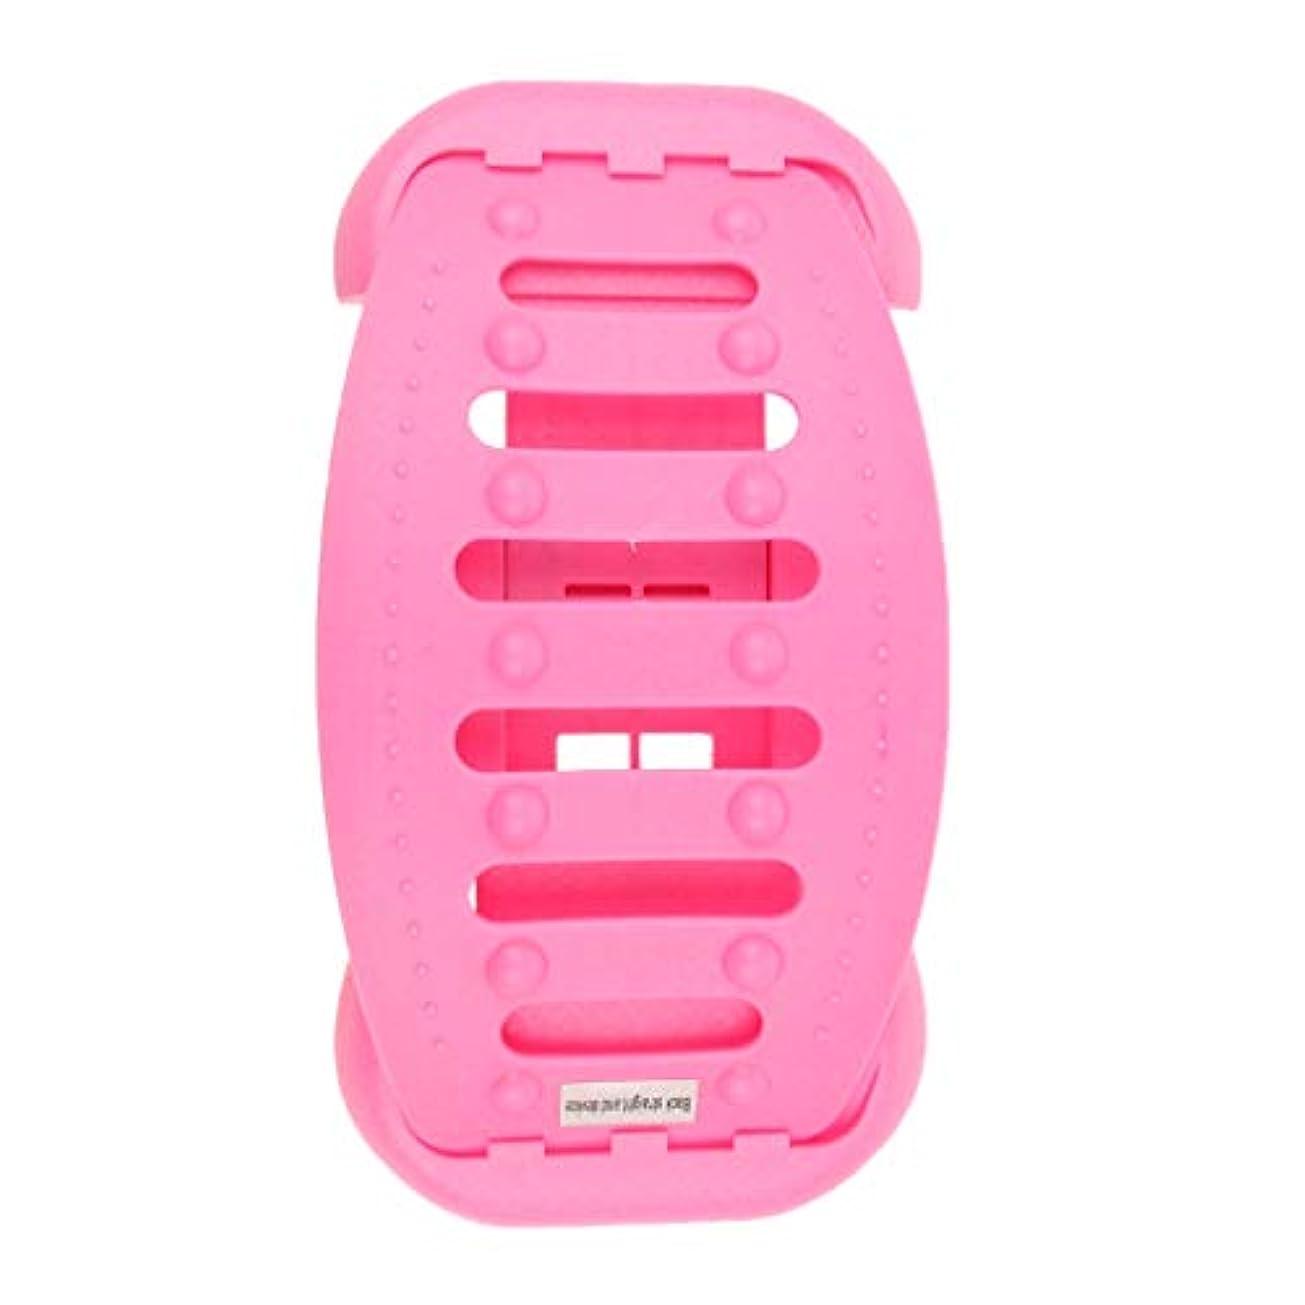 トラップ慣れている静かなバックストレッチャー 背中 ストレッチャー ストレッチ装置 サポート 高重量容量 全2色 - ピンク